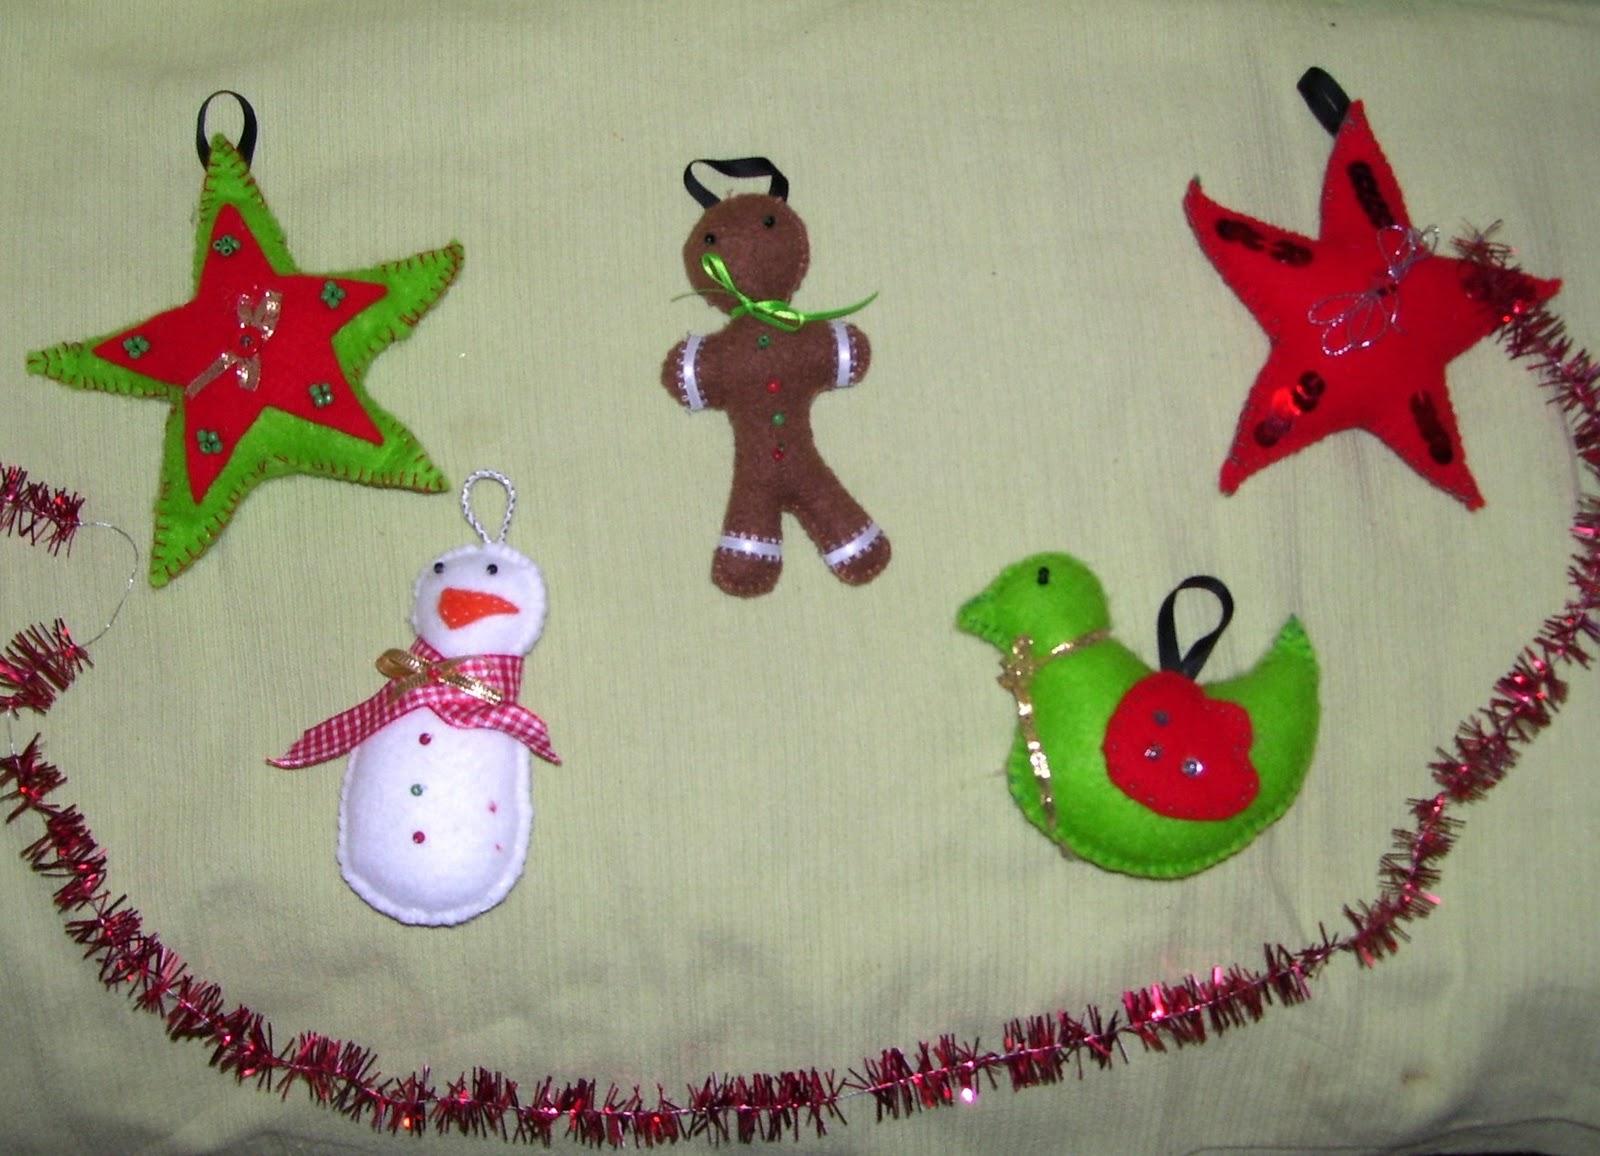 para esta ltima navidad mi creatividad floreci bastante por lo que decid crear algn que otro adorno navideo para adornar mi rbol